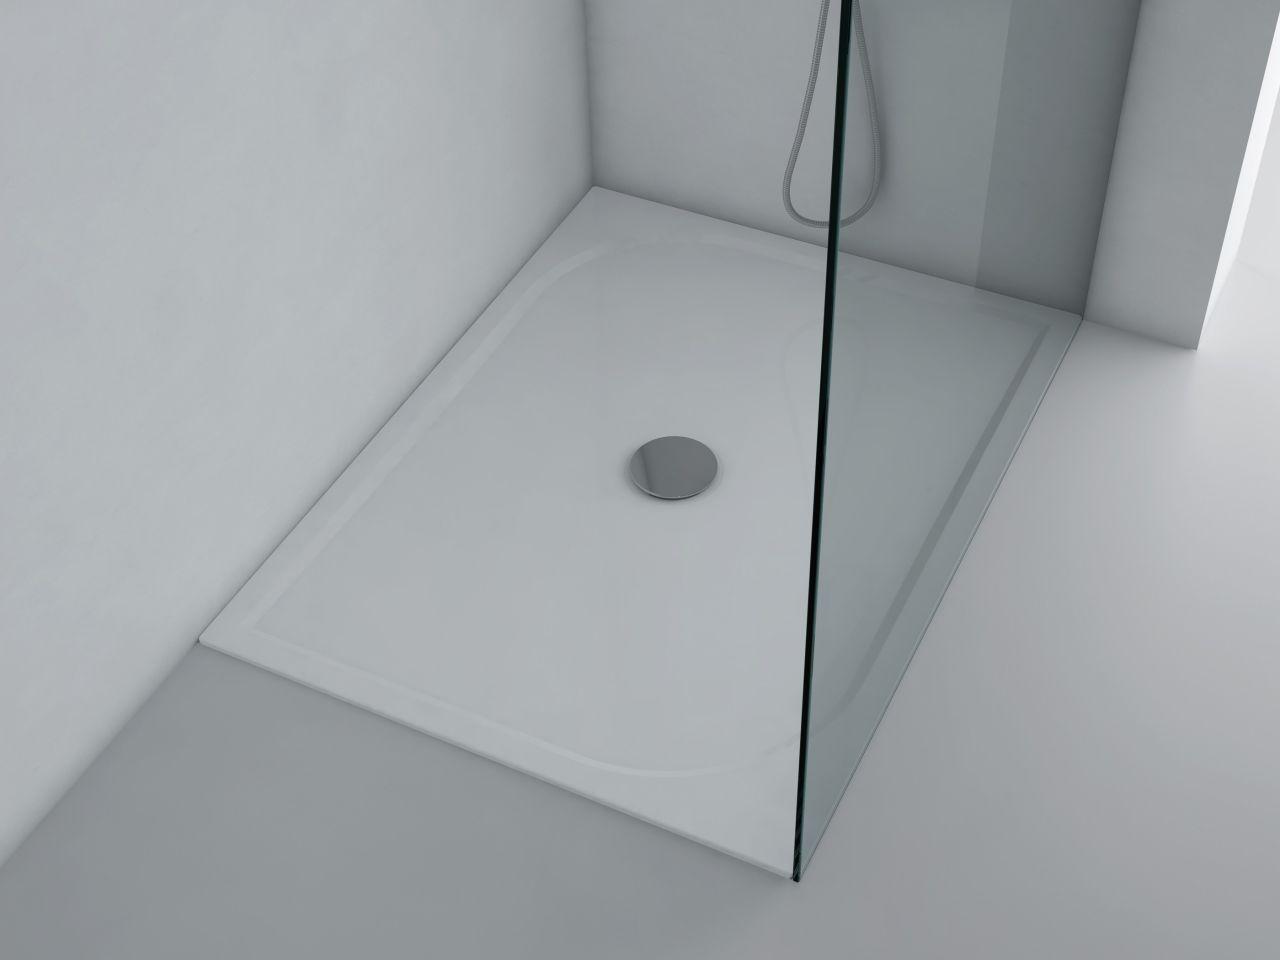 duschwanne 120x90cm andria mineralguss duschtasse flach bodengleich